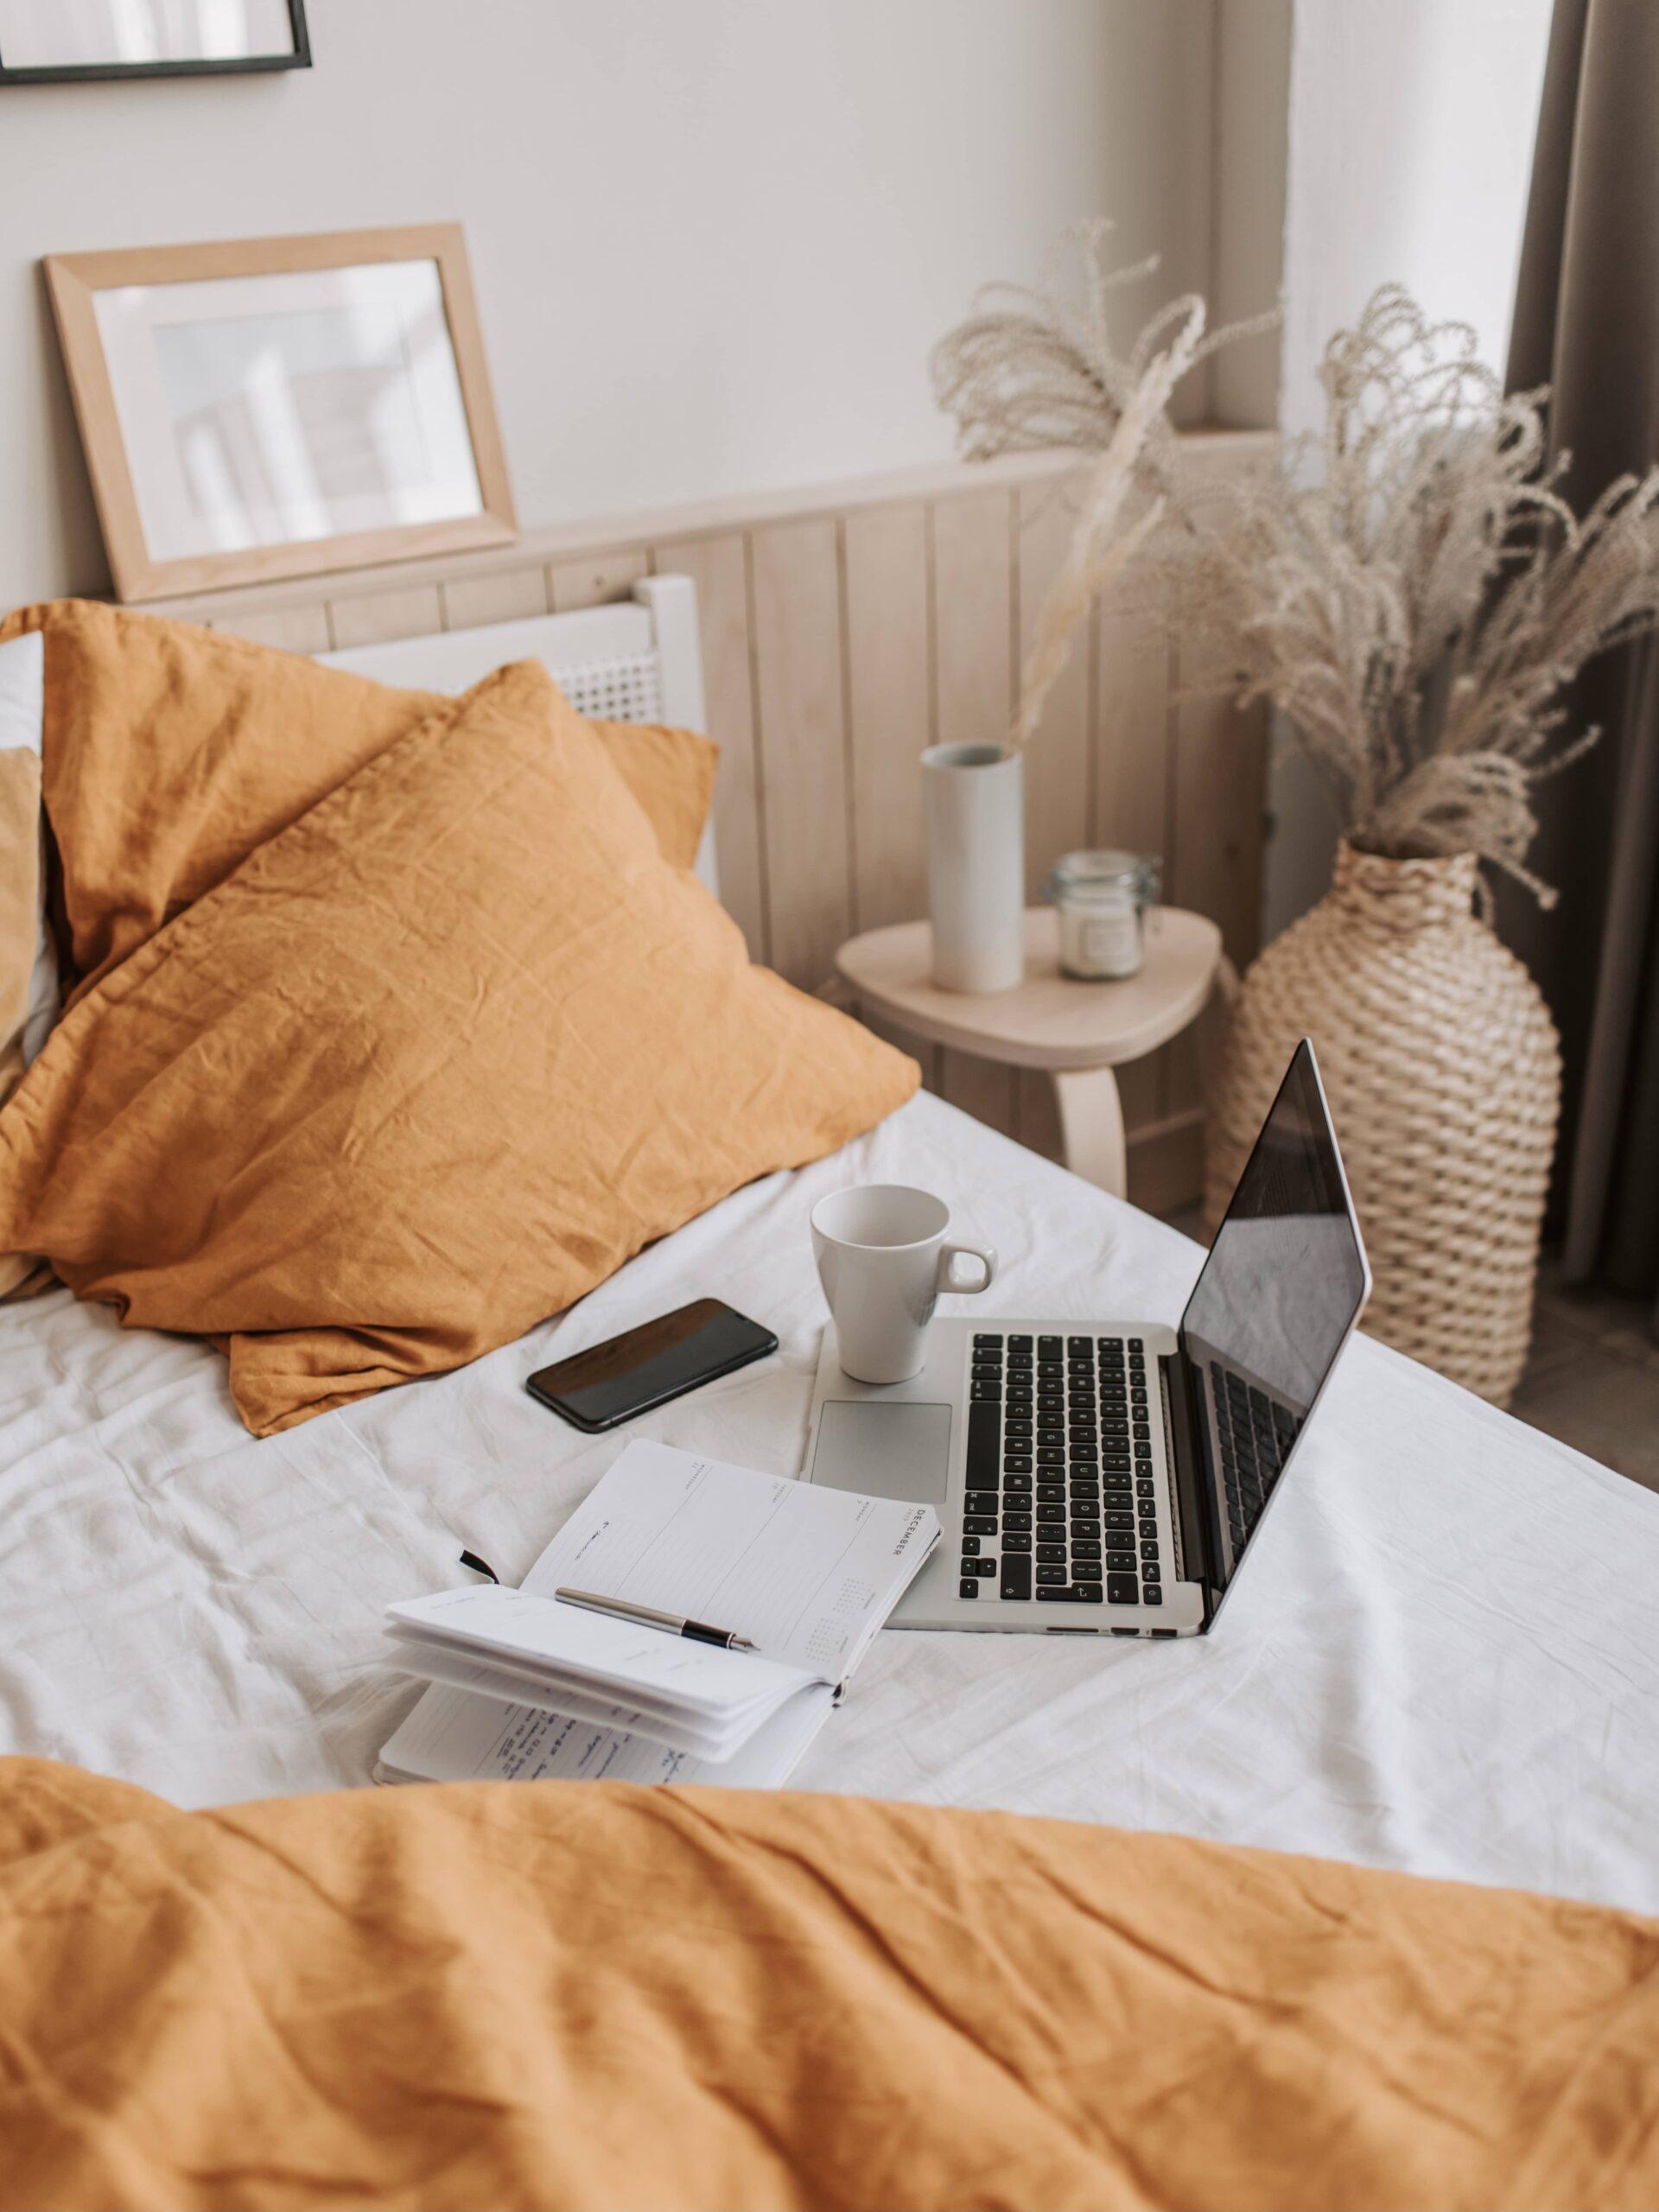 Computer_auf_Bett_mit_Handy_und_Notizzettel